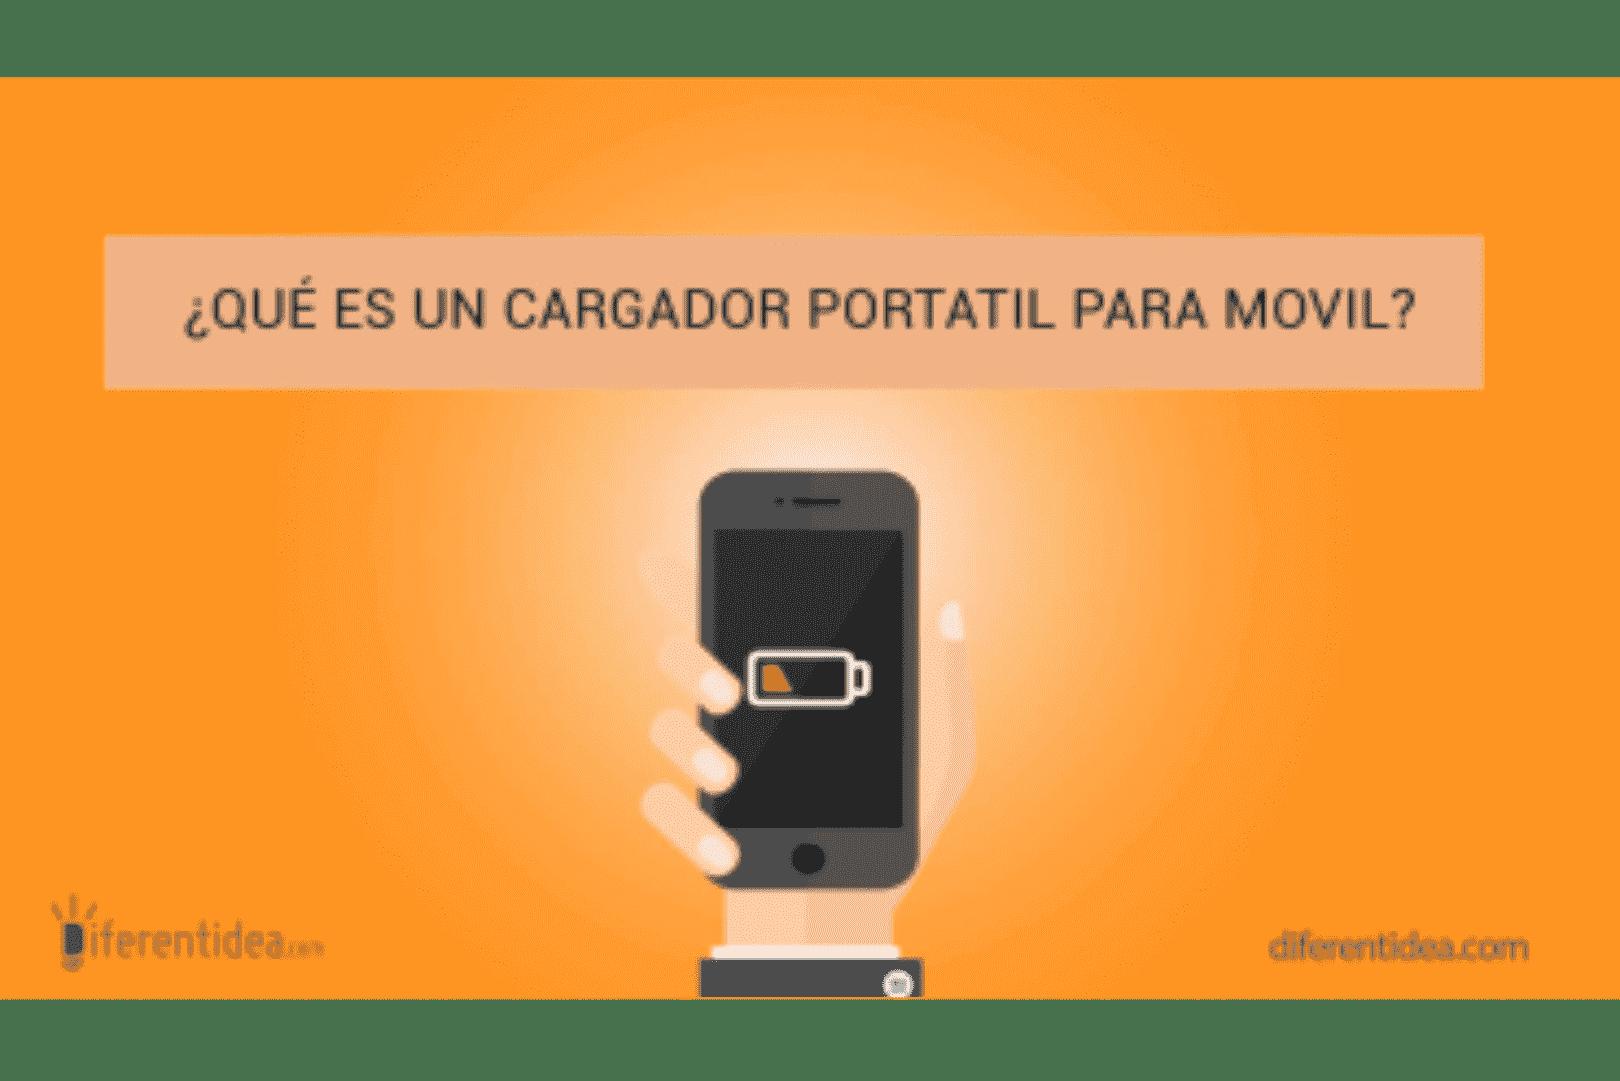 lg-b-cargador portatil para movil